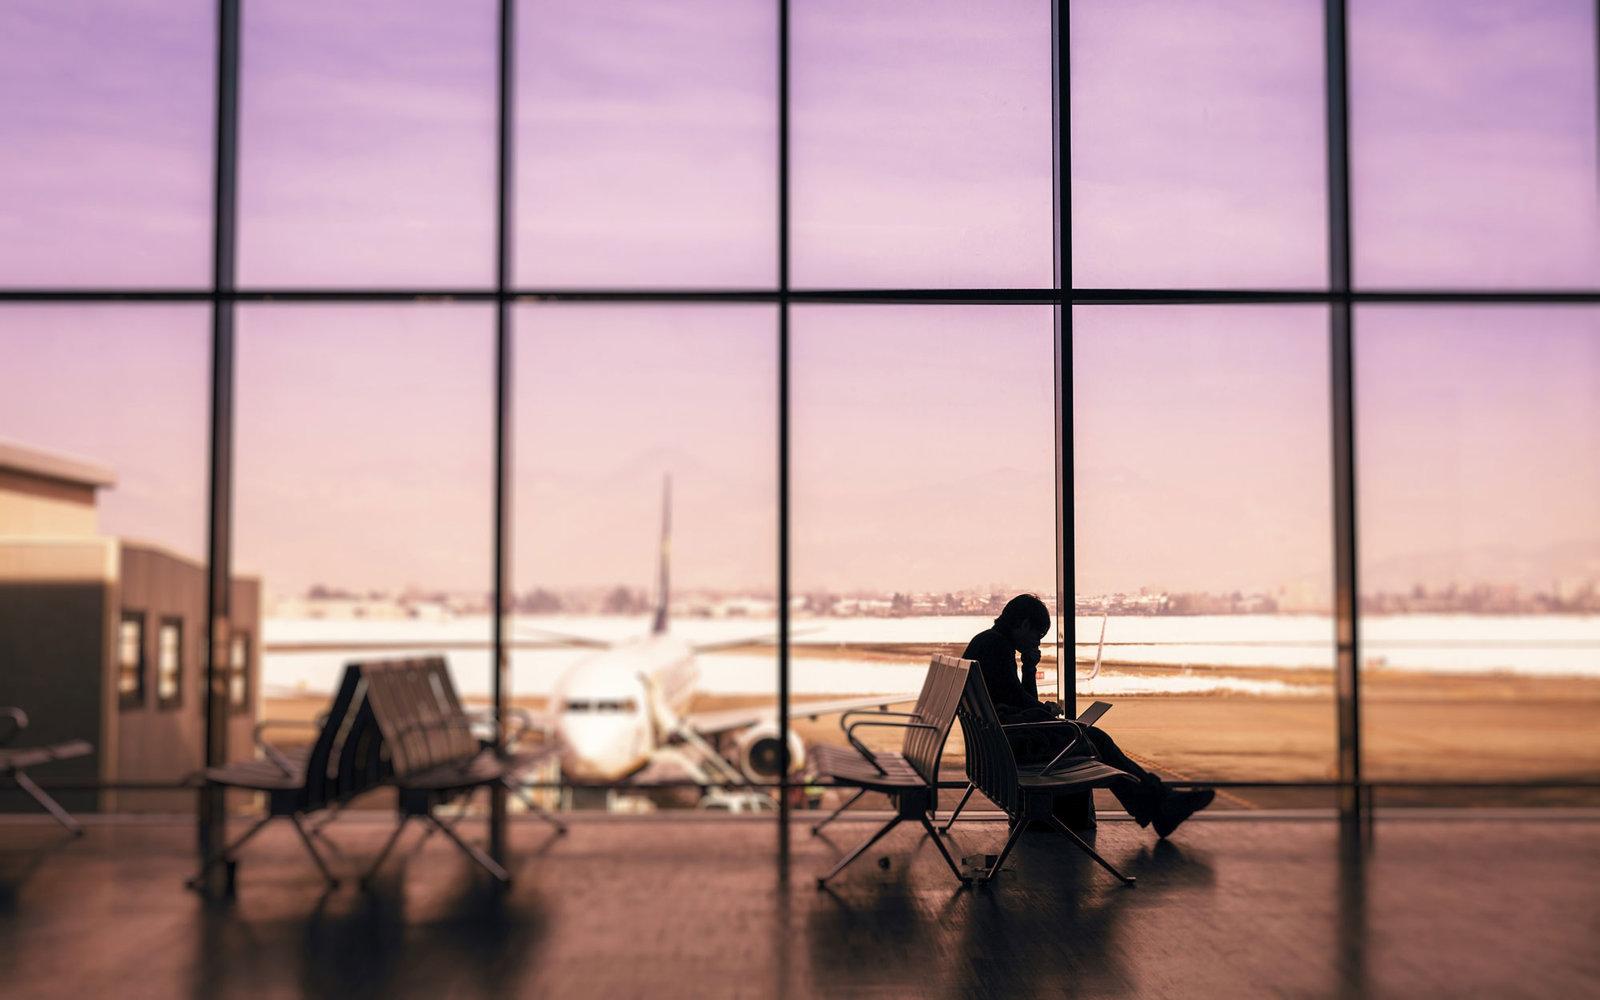 رمز وای فای رایگان فرودگاه ها